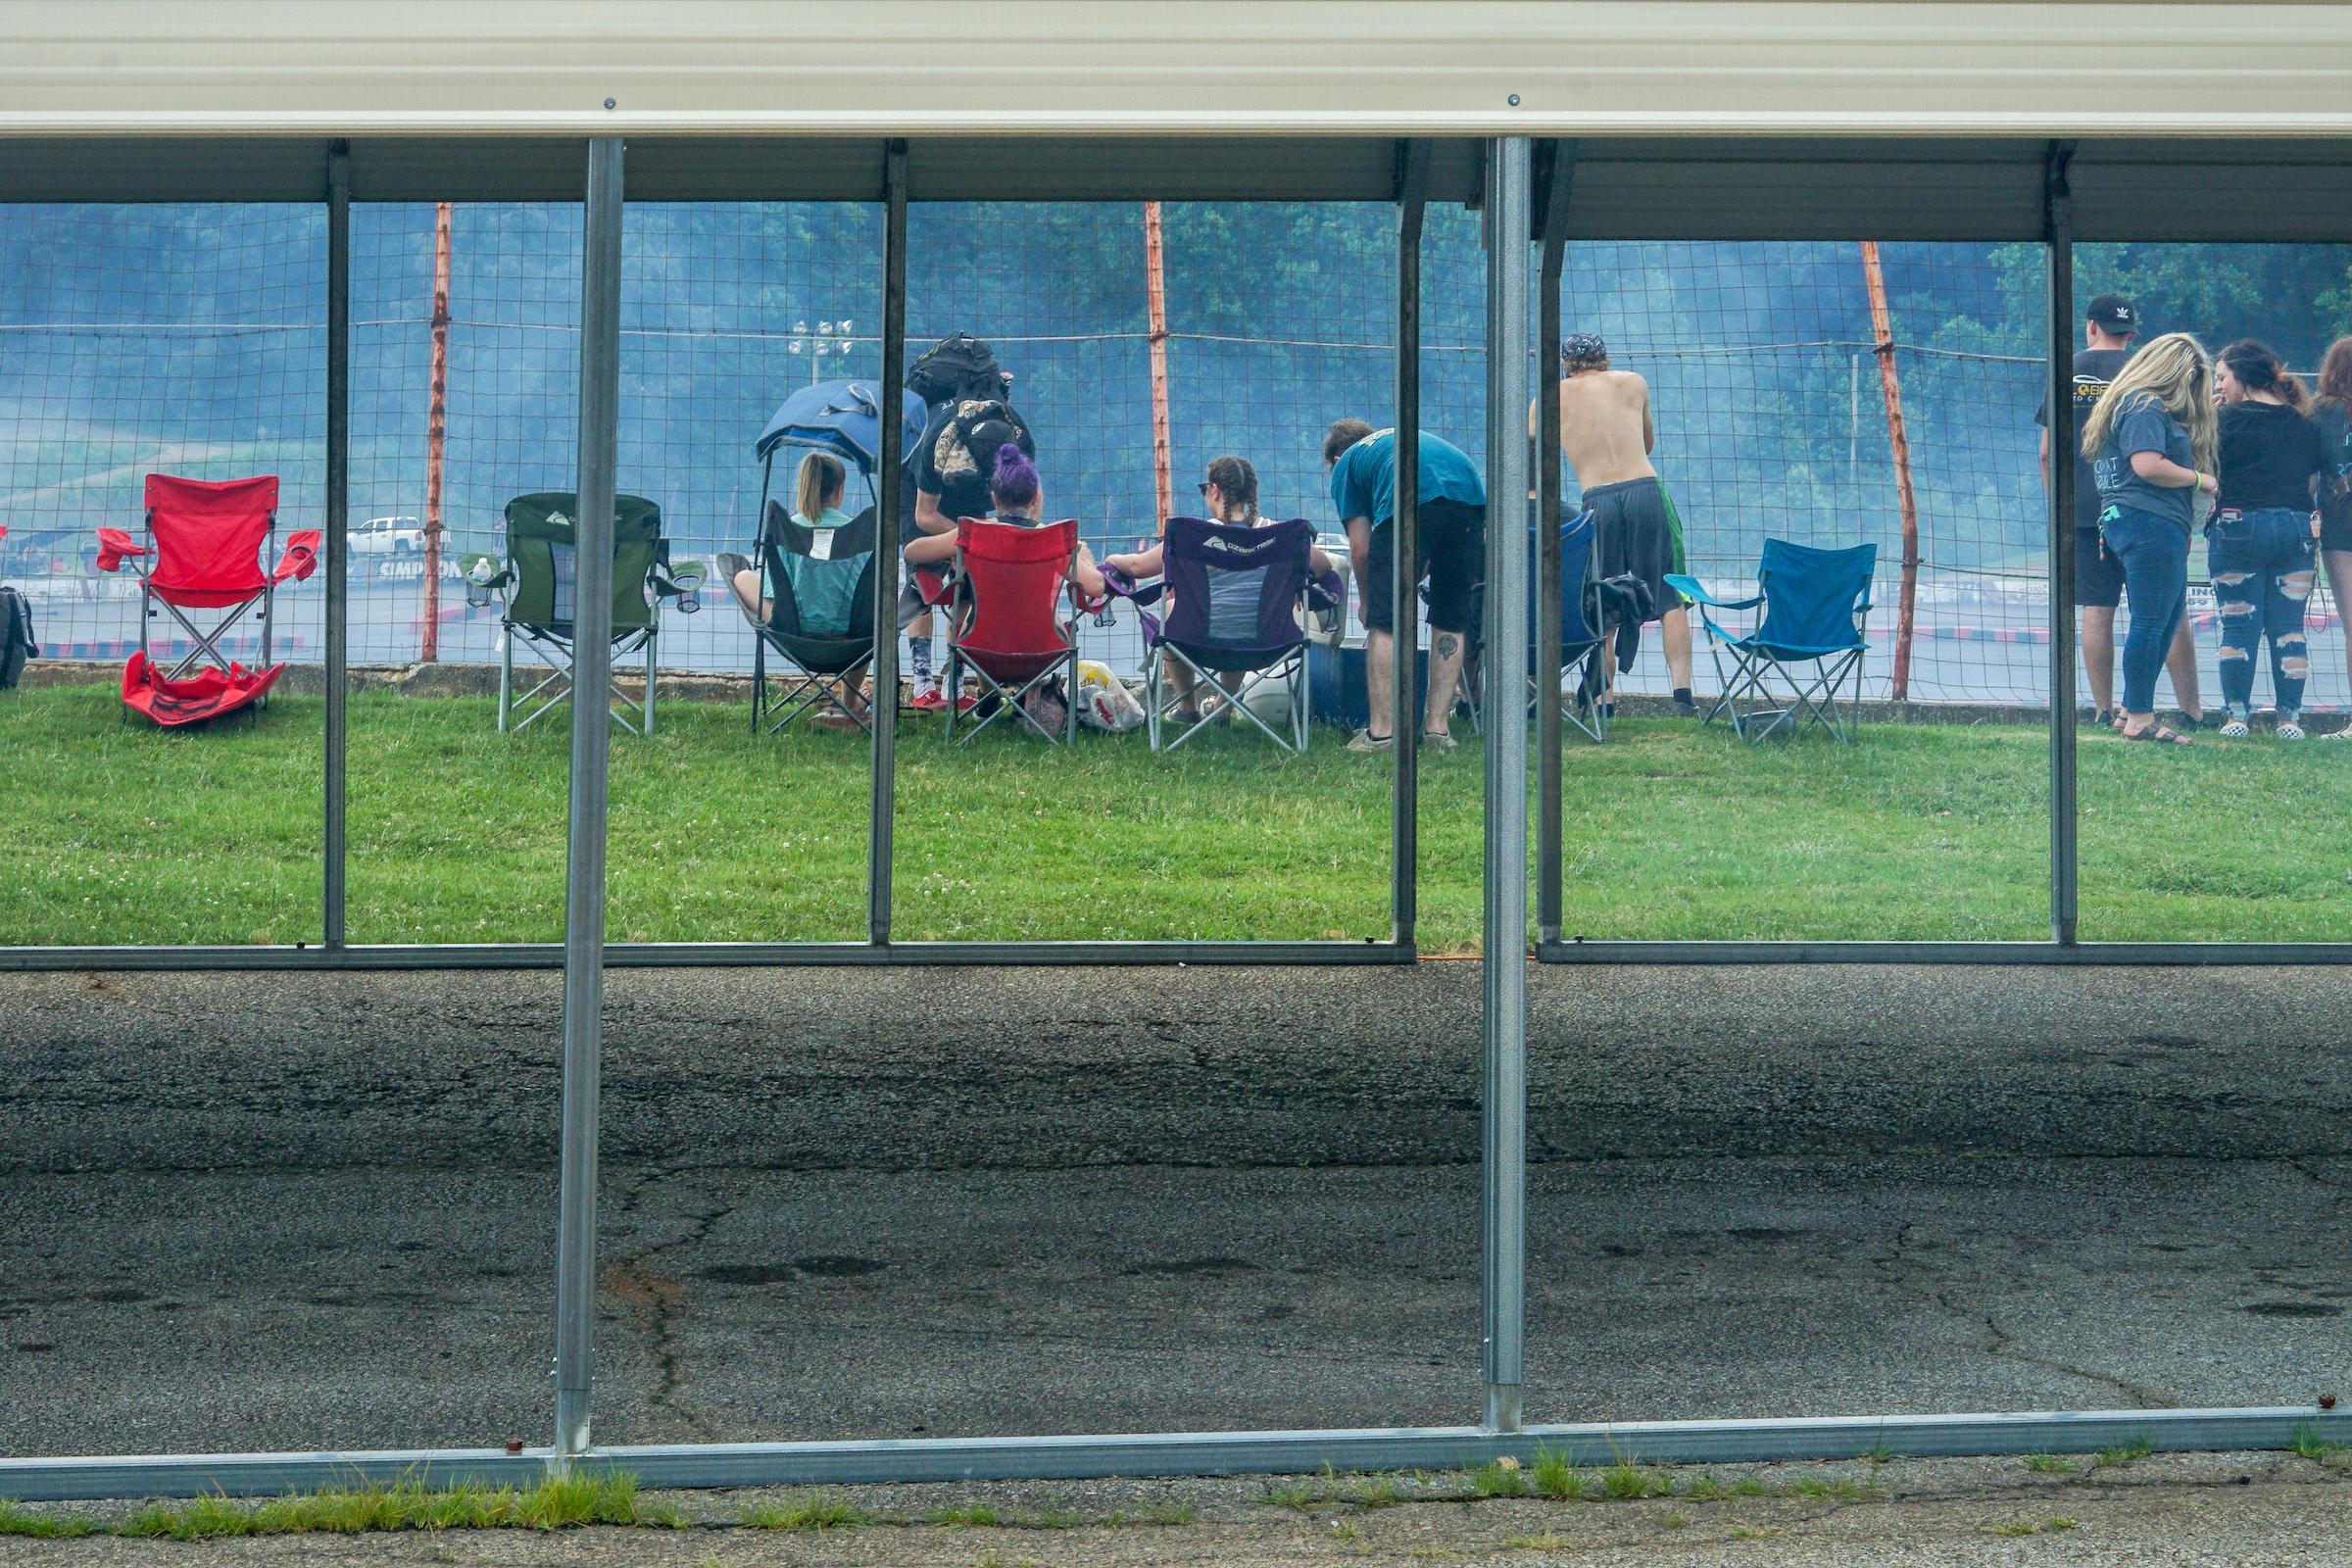 Spectators and smoke.